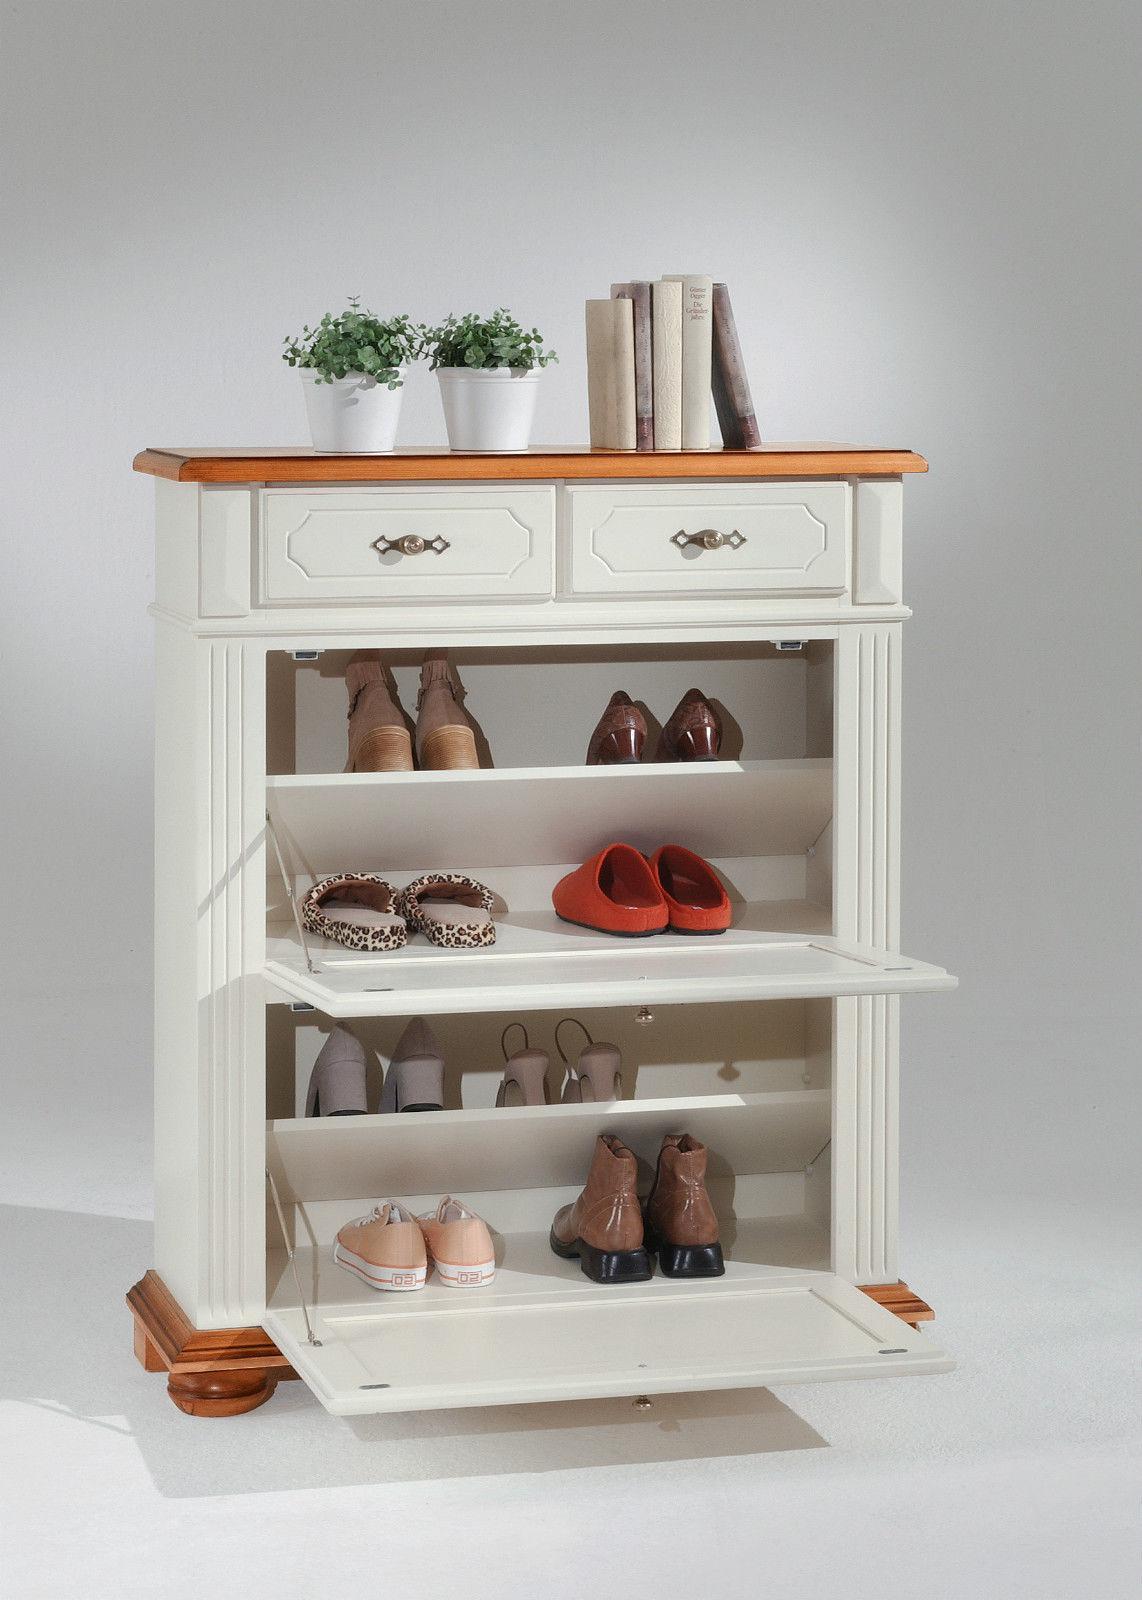 schuhschrank fichte massiv wei schrank kommode schuhregal schuhablage schuhe kaufen bei go. Black Bedroom Furniture Sets. Home Design Ideas